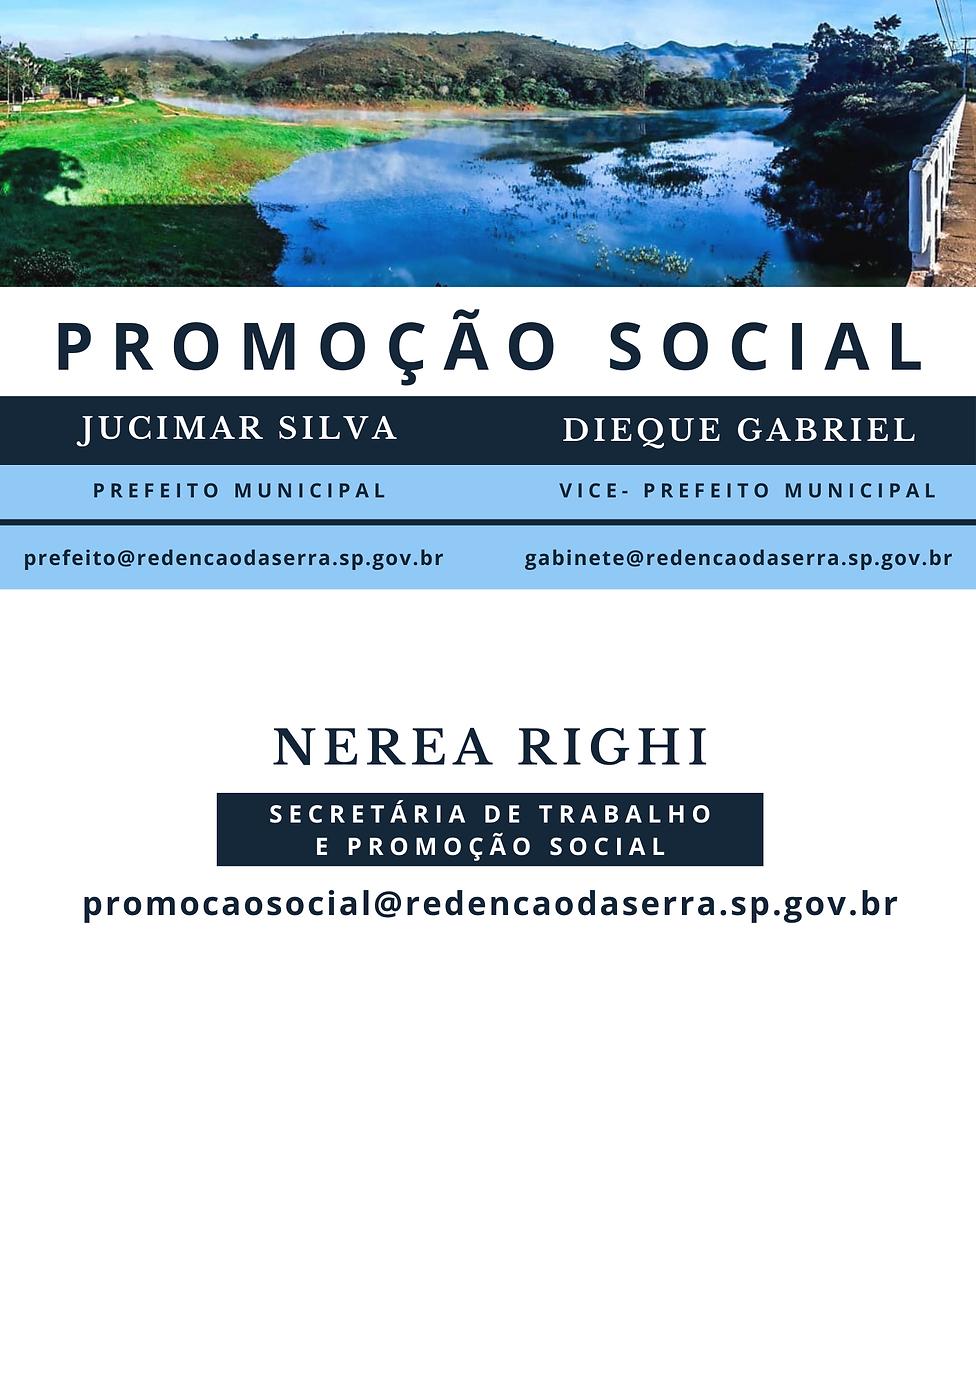 Promoção Social.png